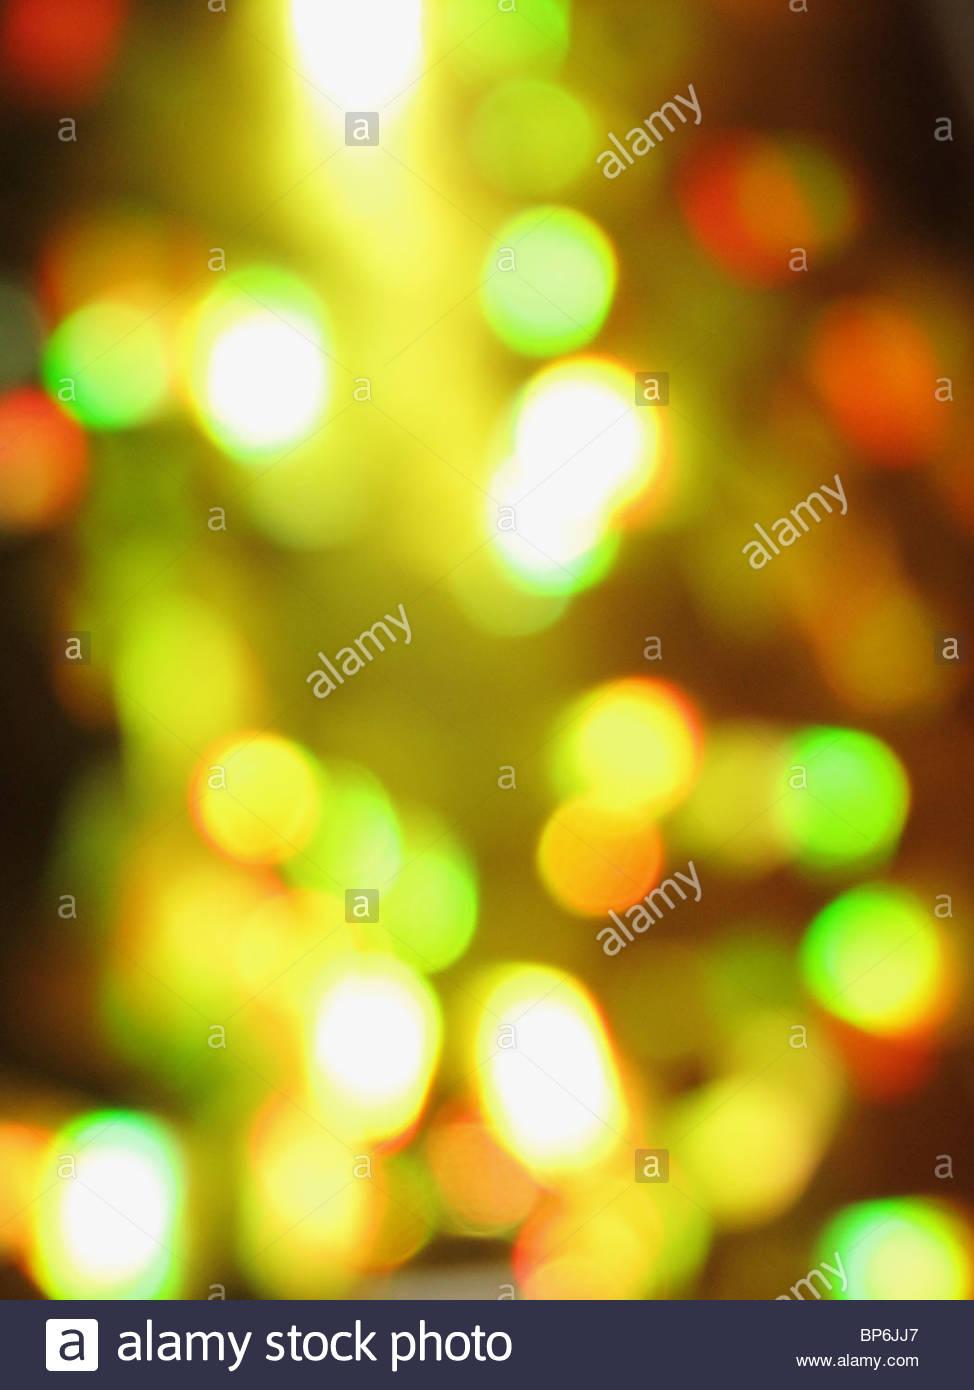 Ein abstraktes Bild von gelben, grünen und roten Lichtern Stockbild